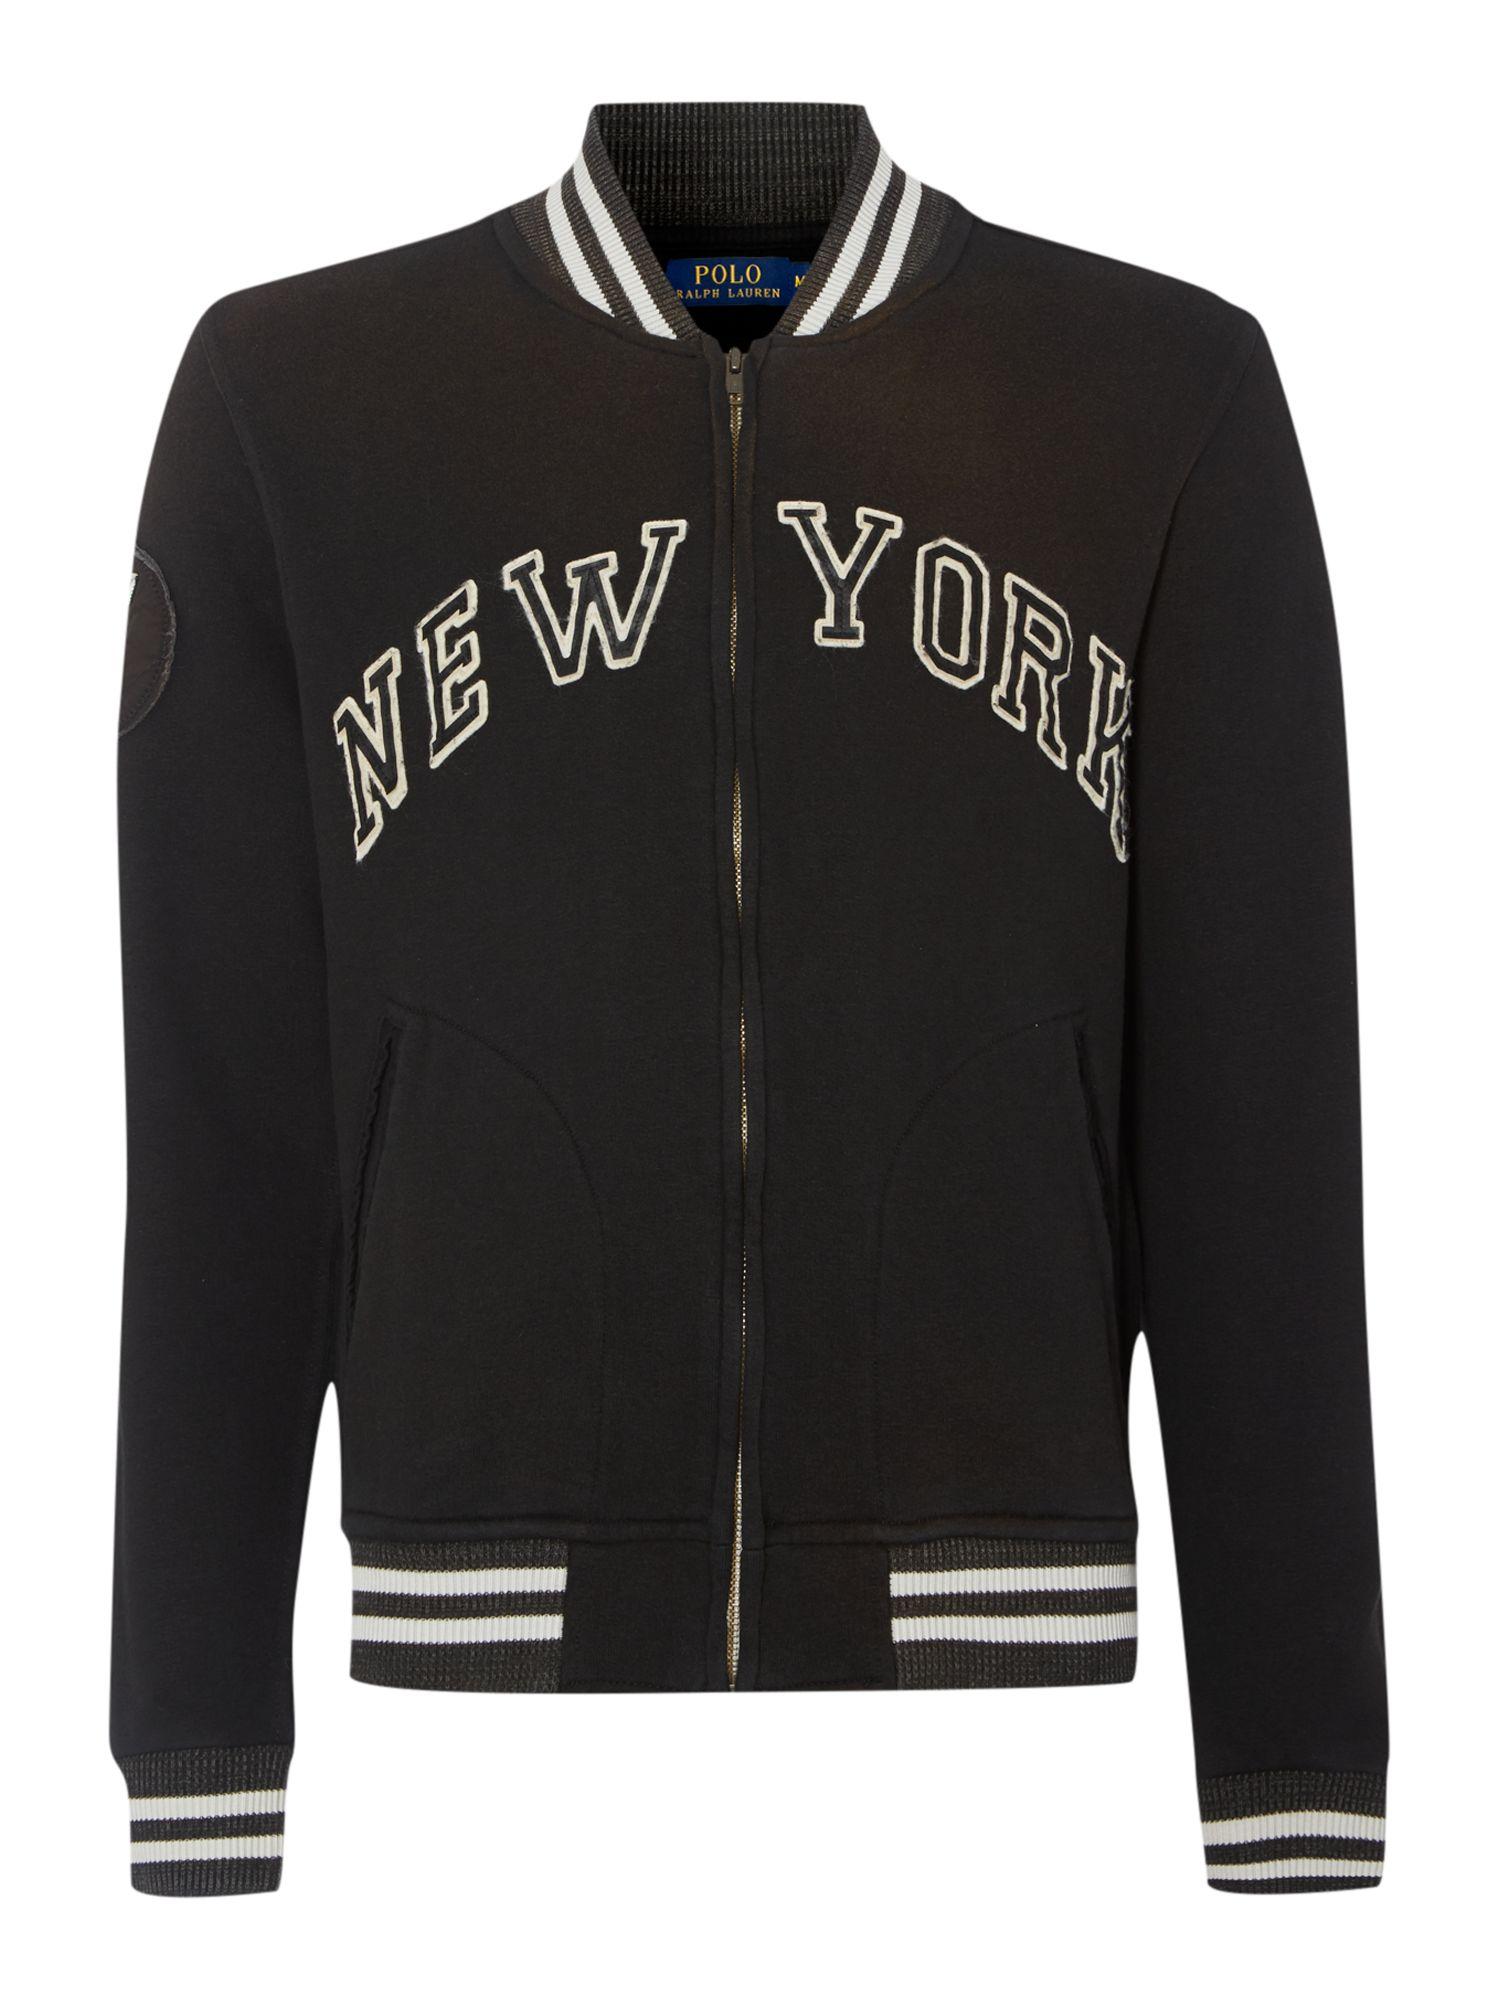 Polo ralph lauren New York Baseball Jacket in Black for Men | Lyst